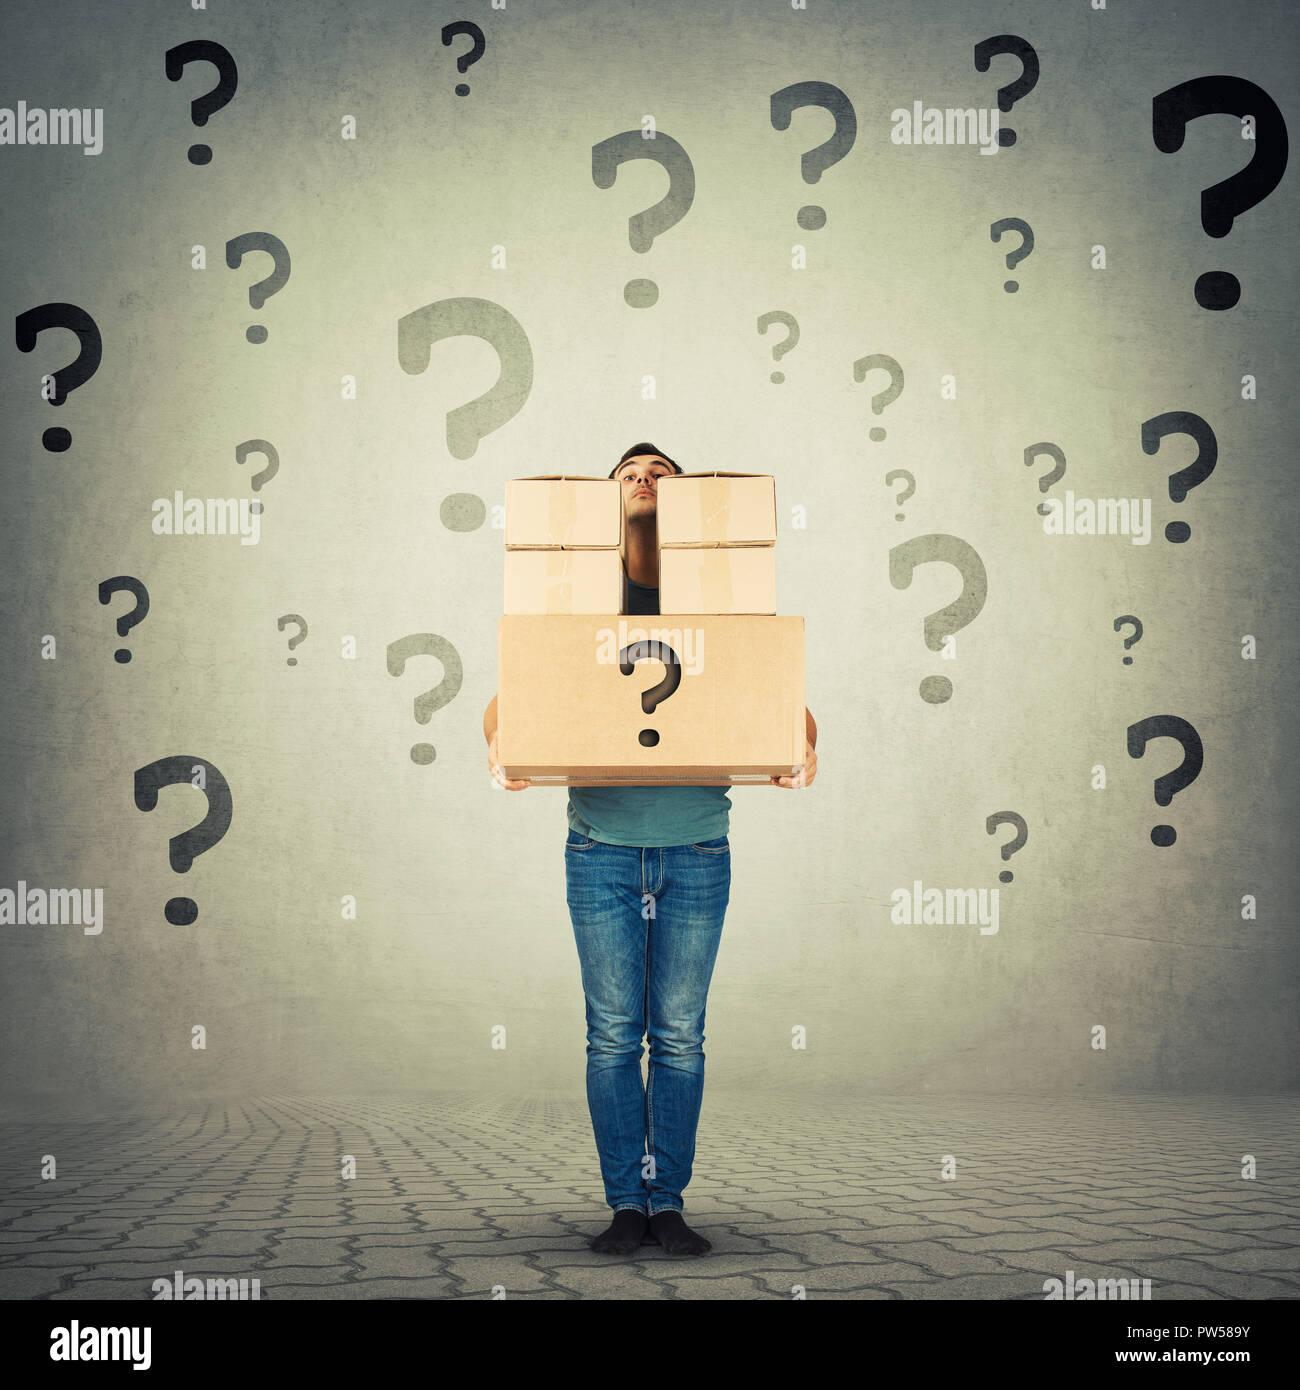 In voller Länge Porträt verwirrter junger Mann schwere Pakete hinter Stapel von Kisten mit Frage versteckt um Marken. Kurier verstecken Identität von Stockbild